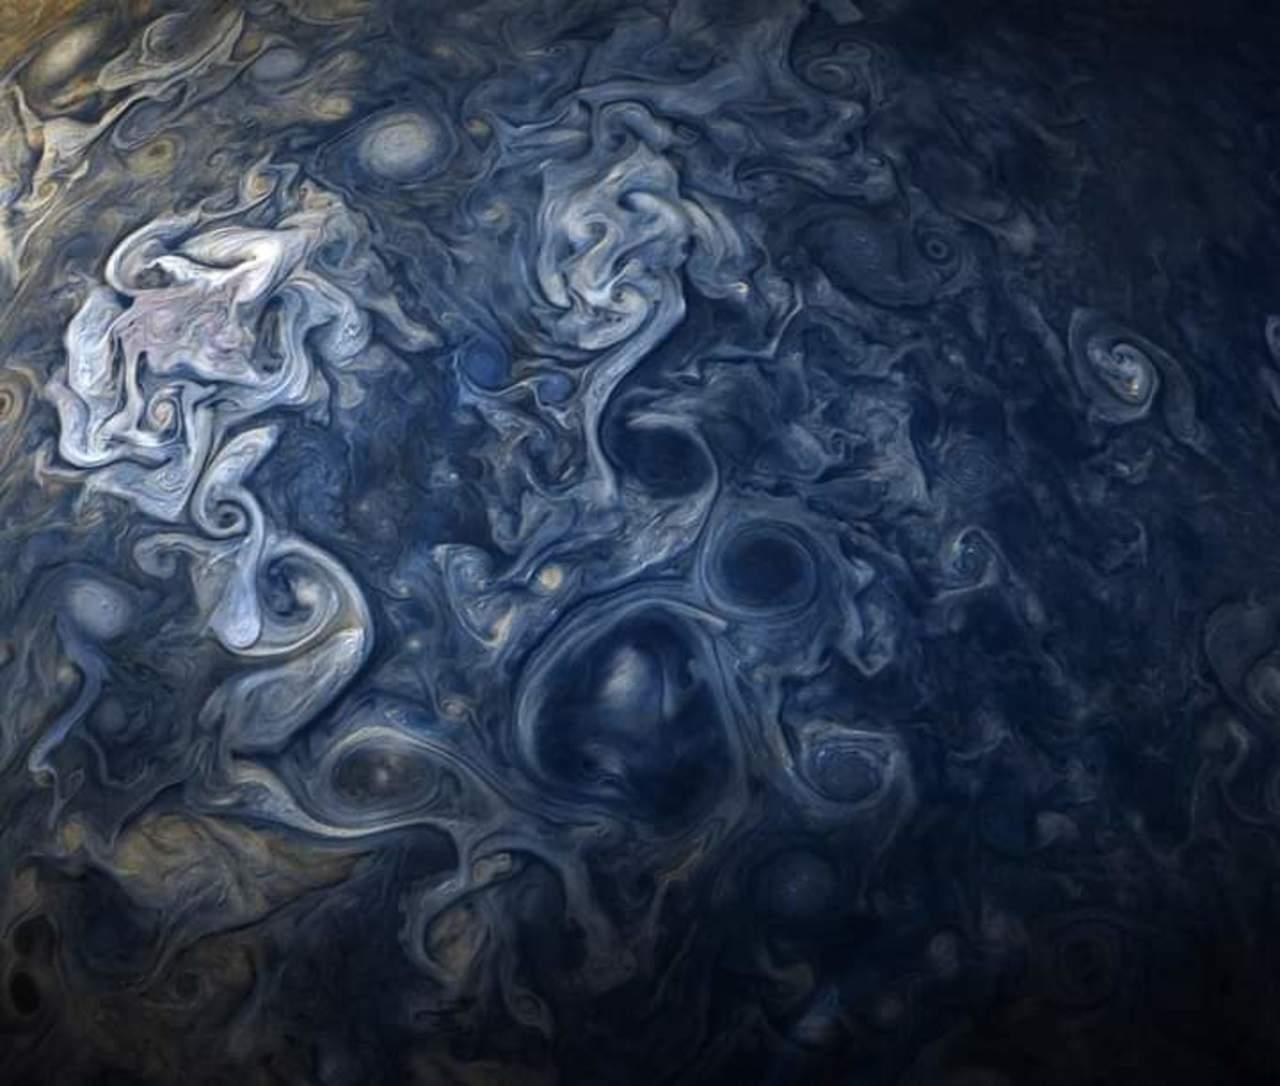 Nave Juno capta imagen de un remolino en Júpiter